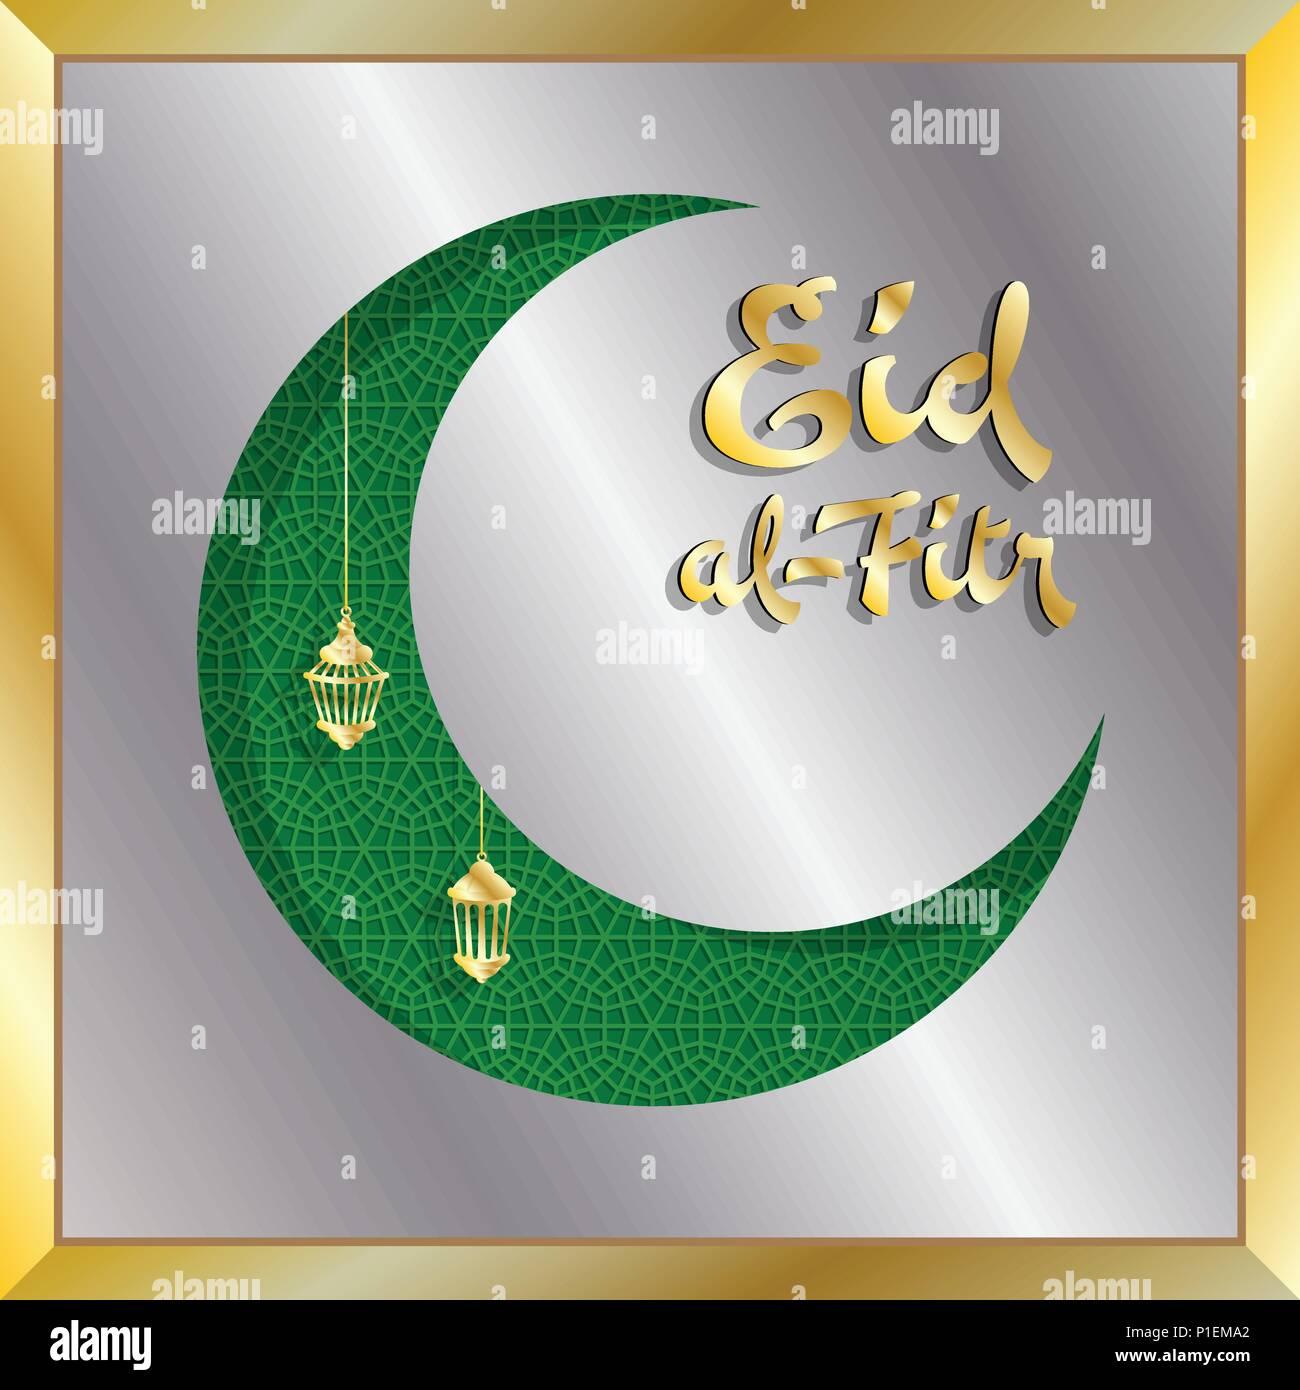 Eid Ul Fitr Stock Vector Images Alamy